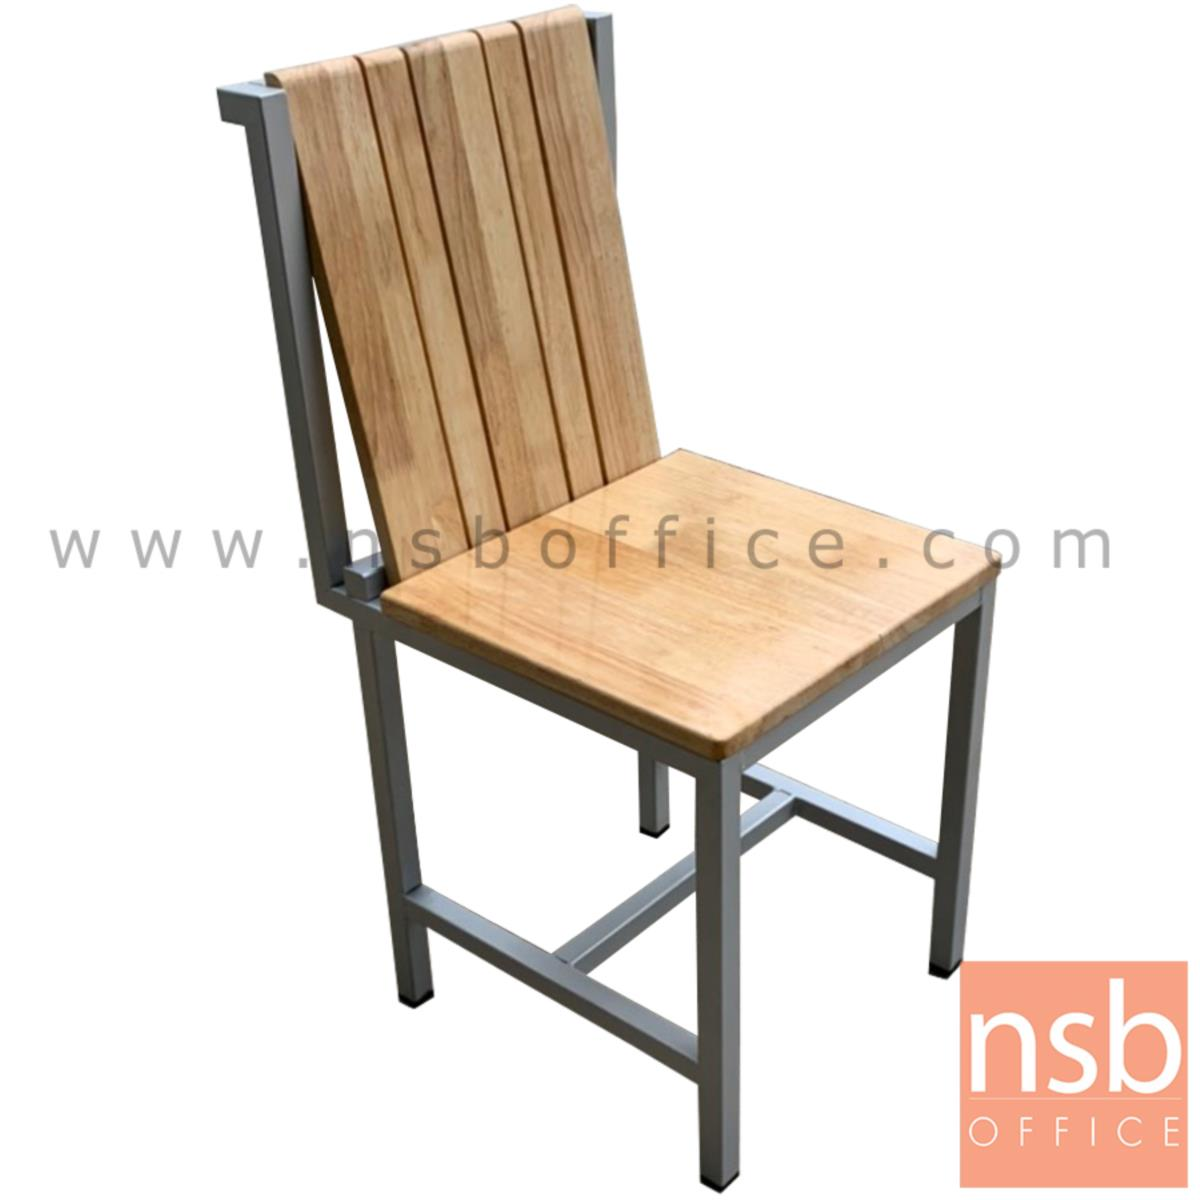 B20A106:เก้าอี้อเนกประสงค์ไม้ รุ่น CHAMPAKA (จัมปากา)  โครงขาสีเทา